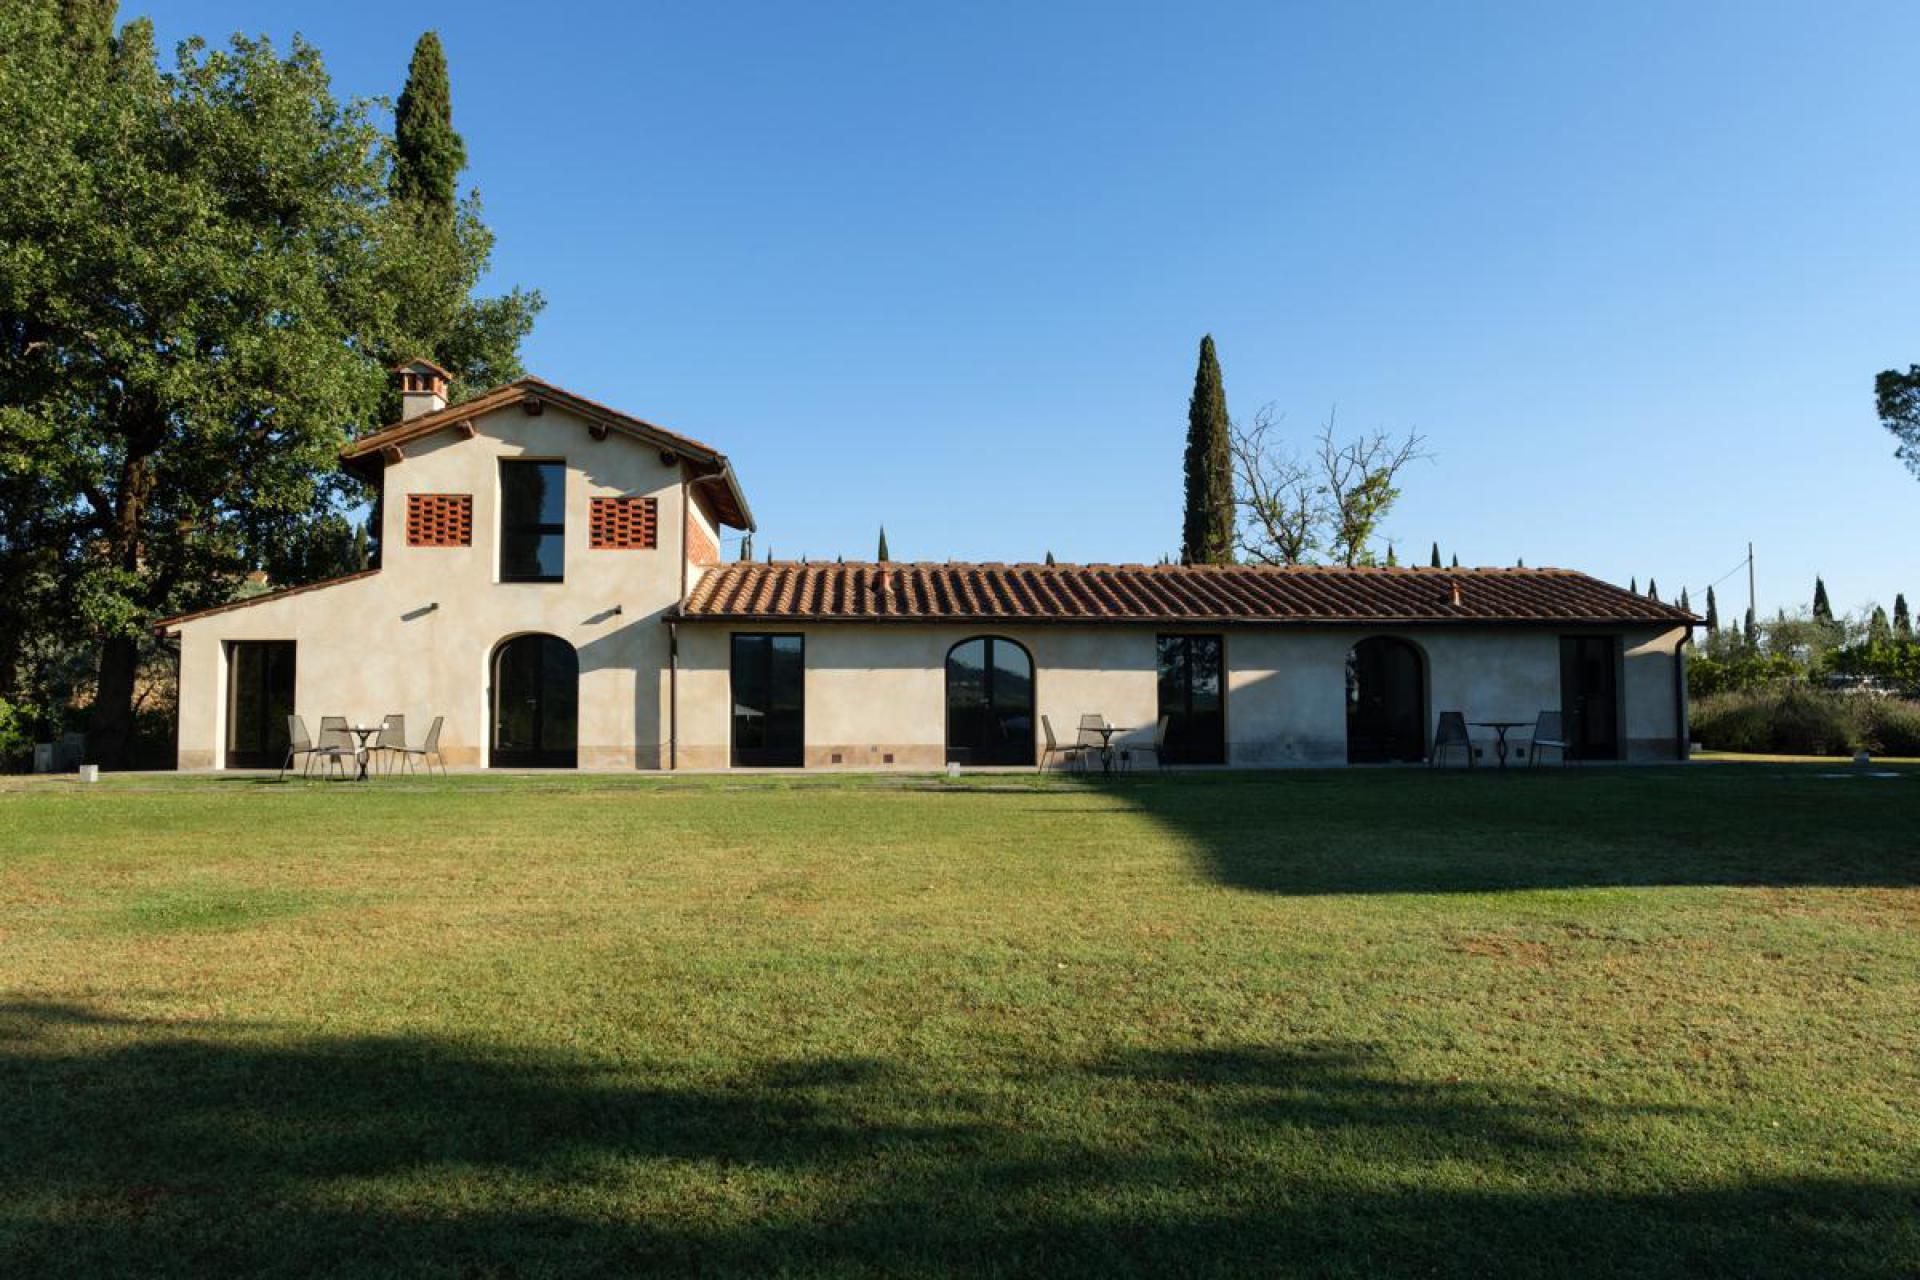 Agriturismo Toscane Mooie wijnboerderij in de Chiantistreek in Toscane